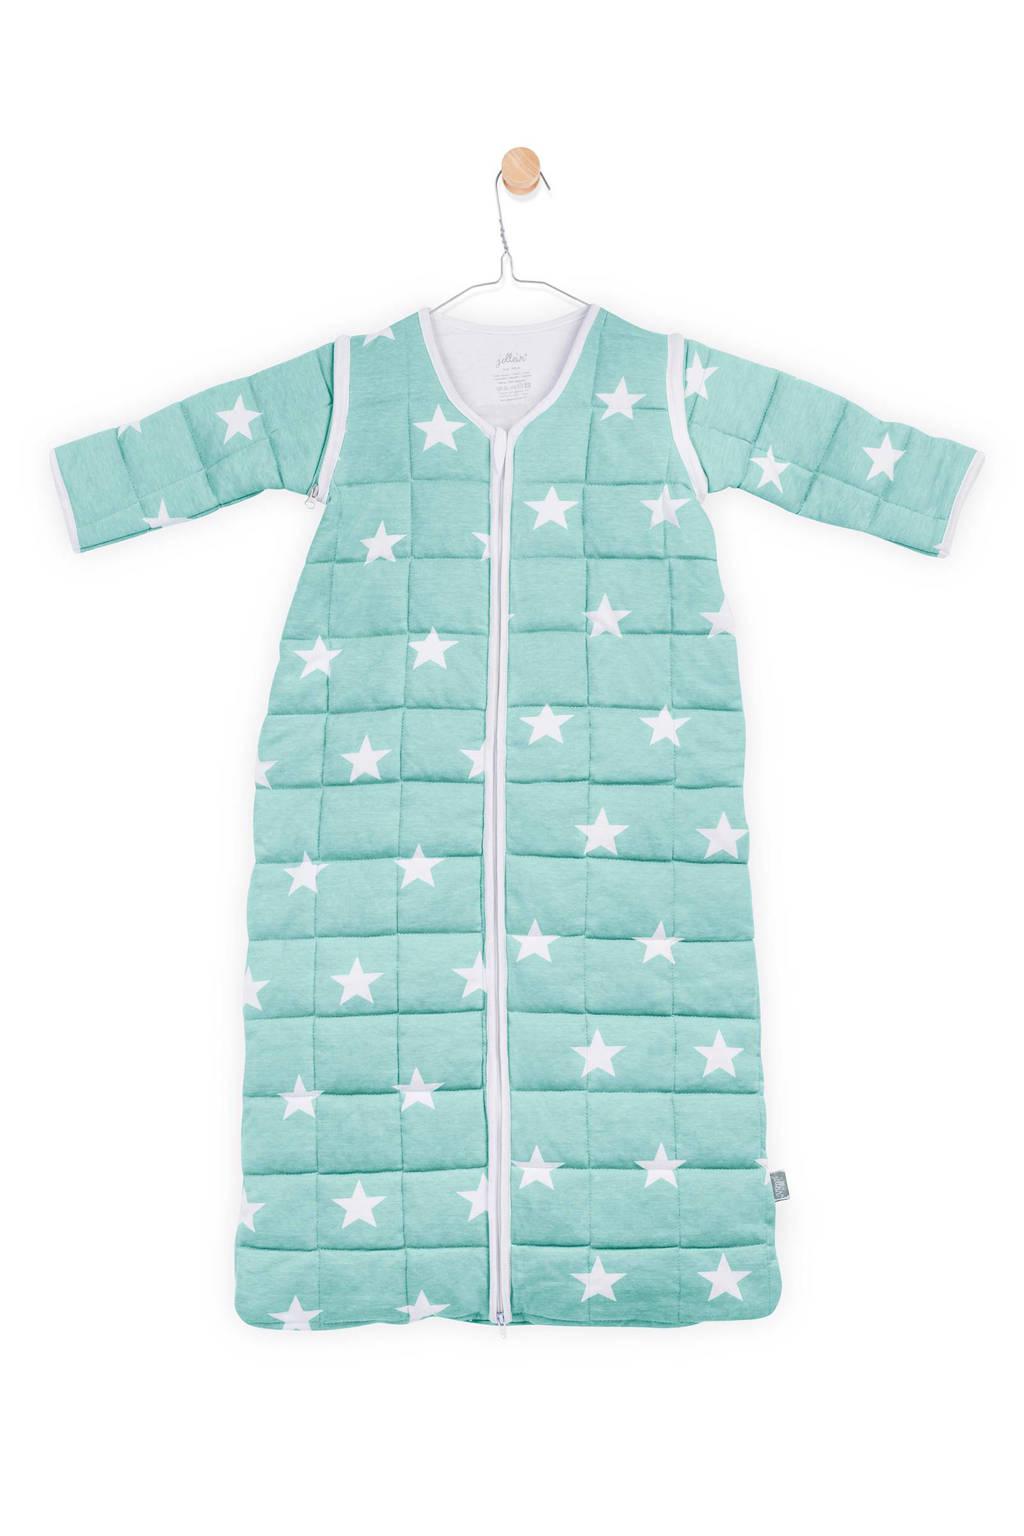 Jollein Little Star 4-seizoenen baby slaapzak 18-24 mnd jade, Jade